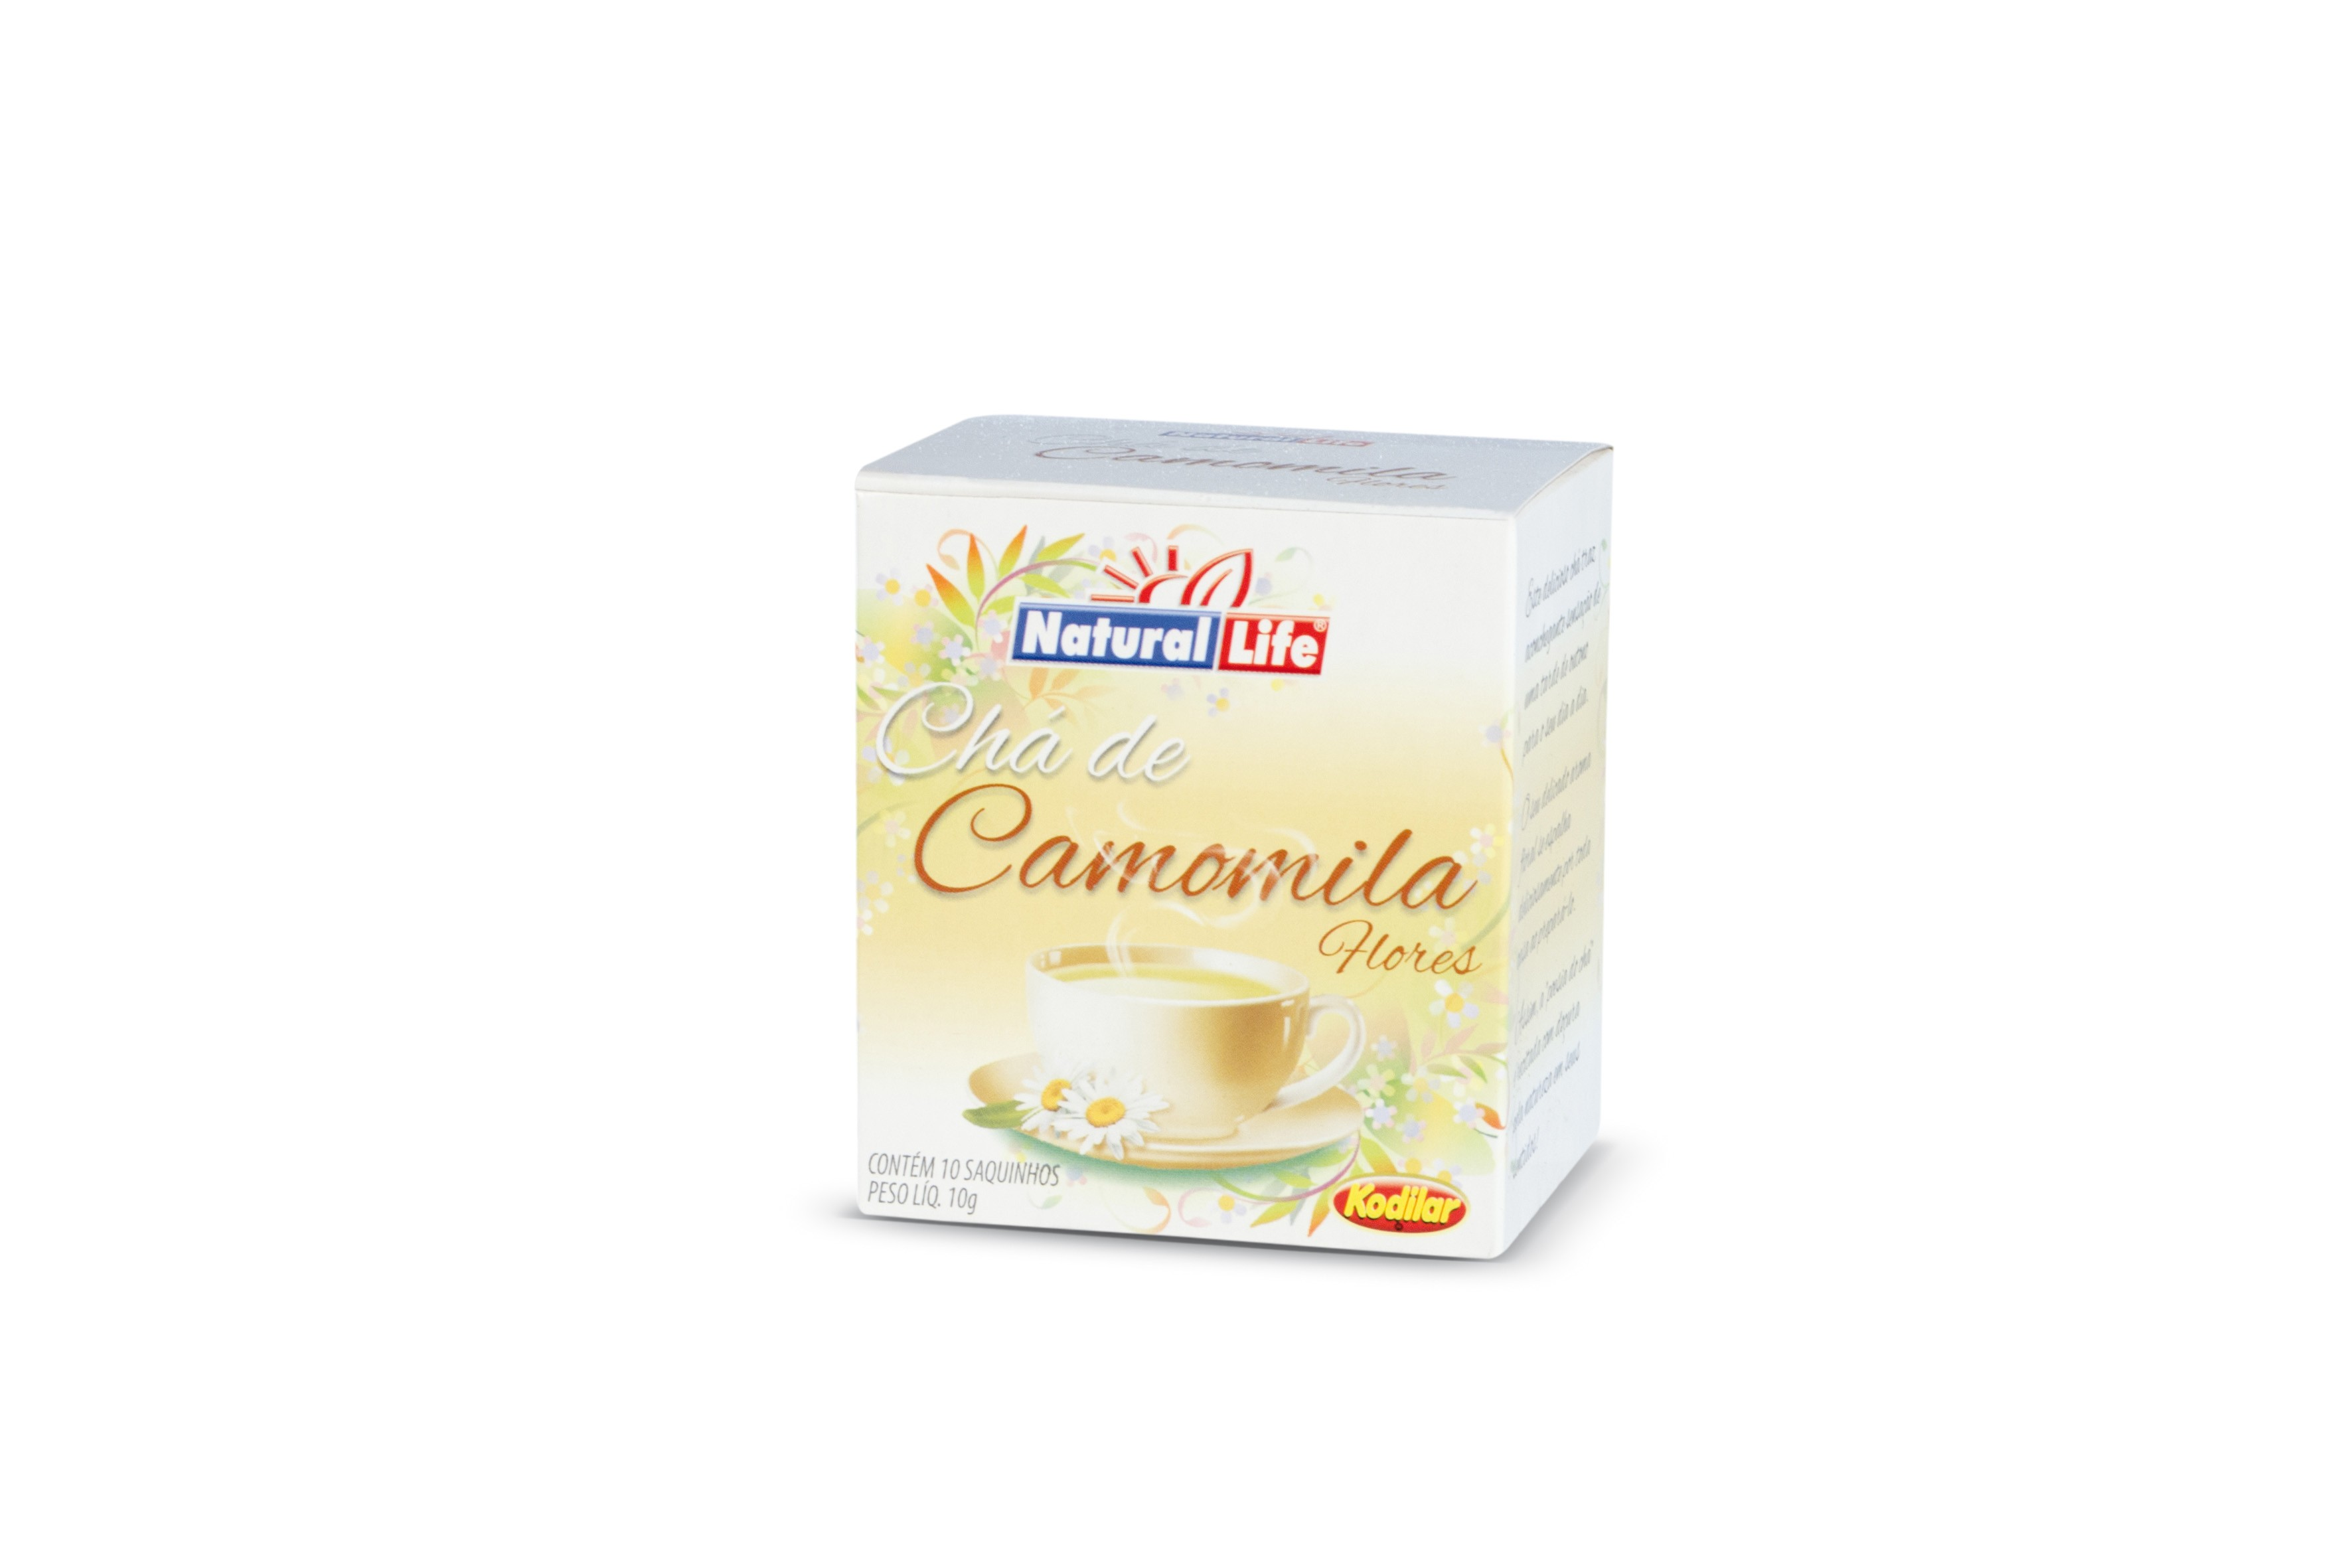 Chá de Camomila (10 Sachês) Natural Life